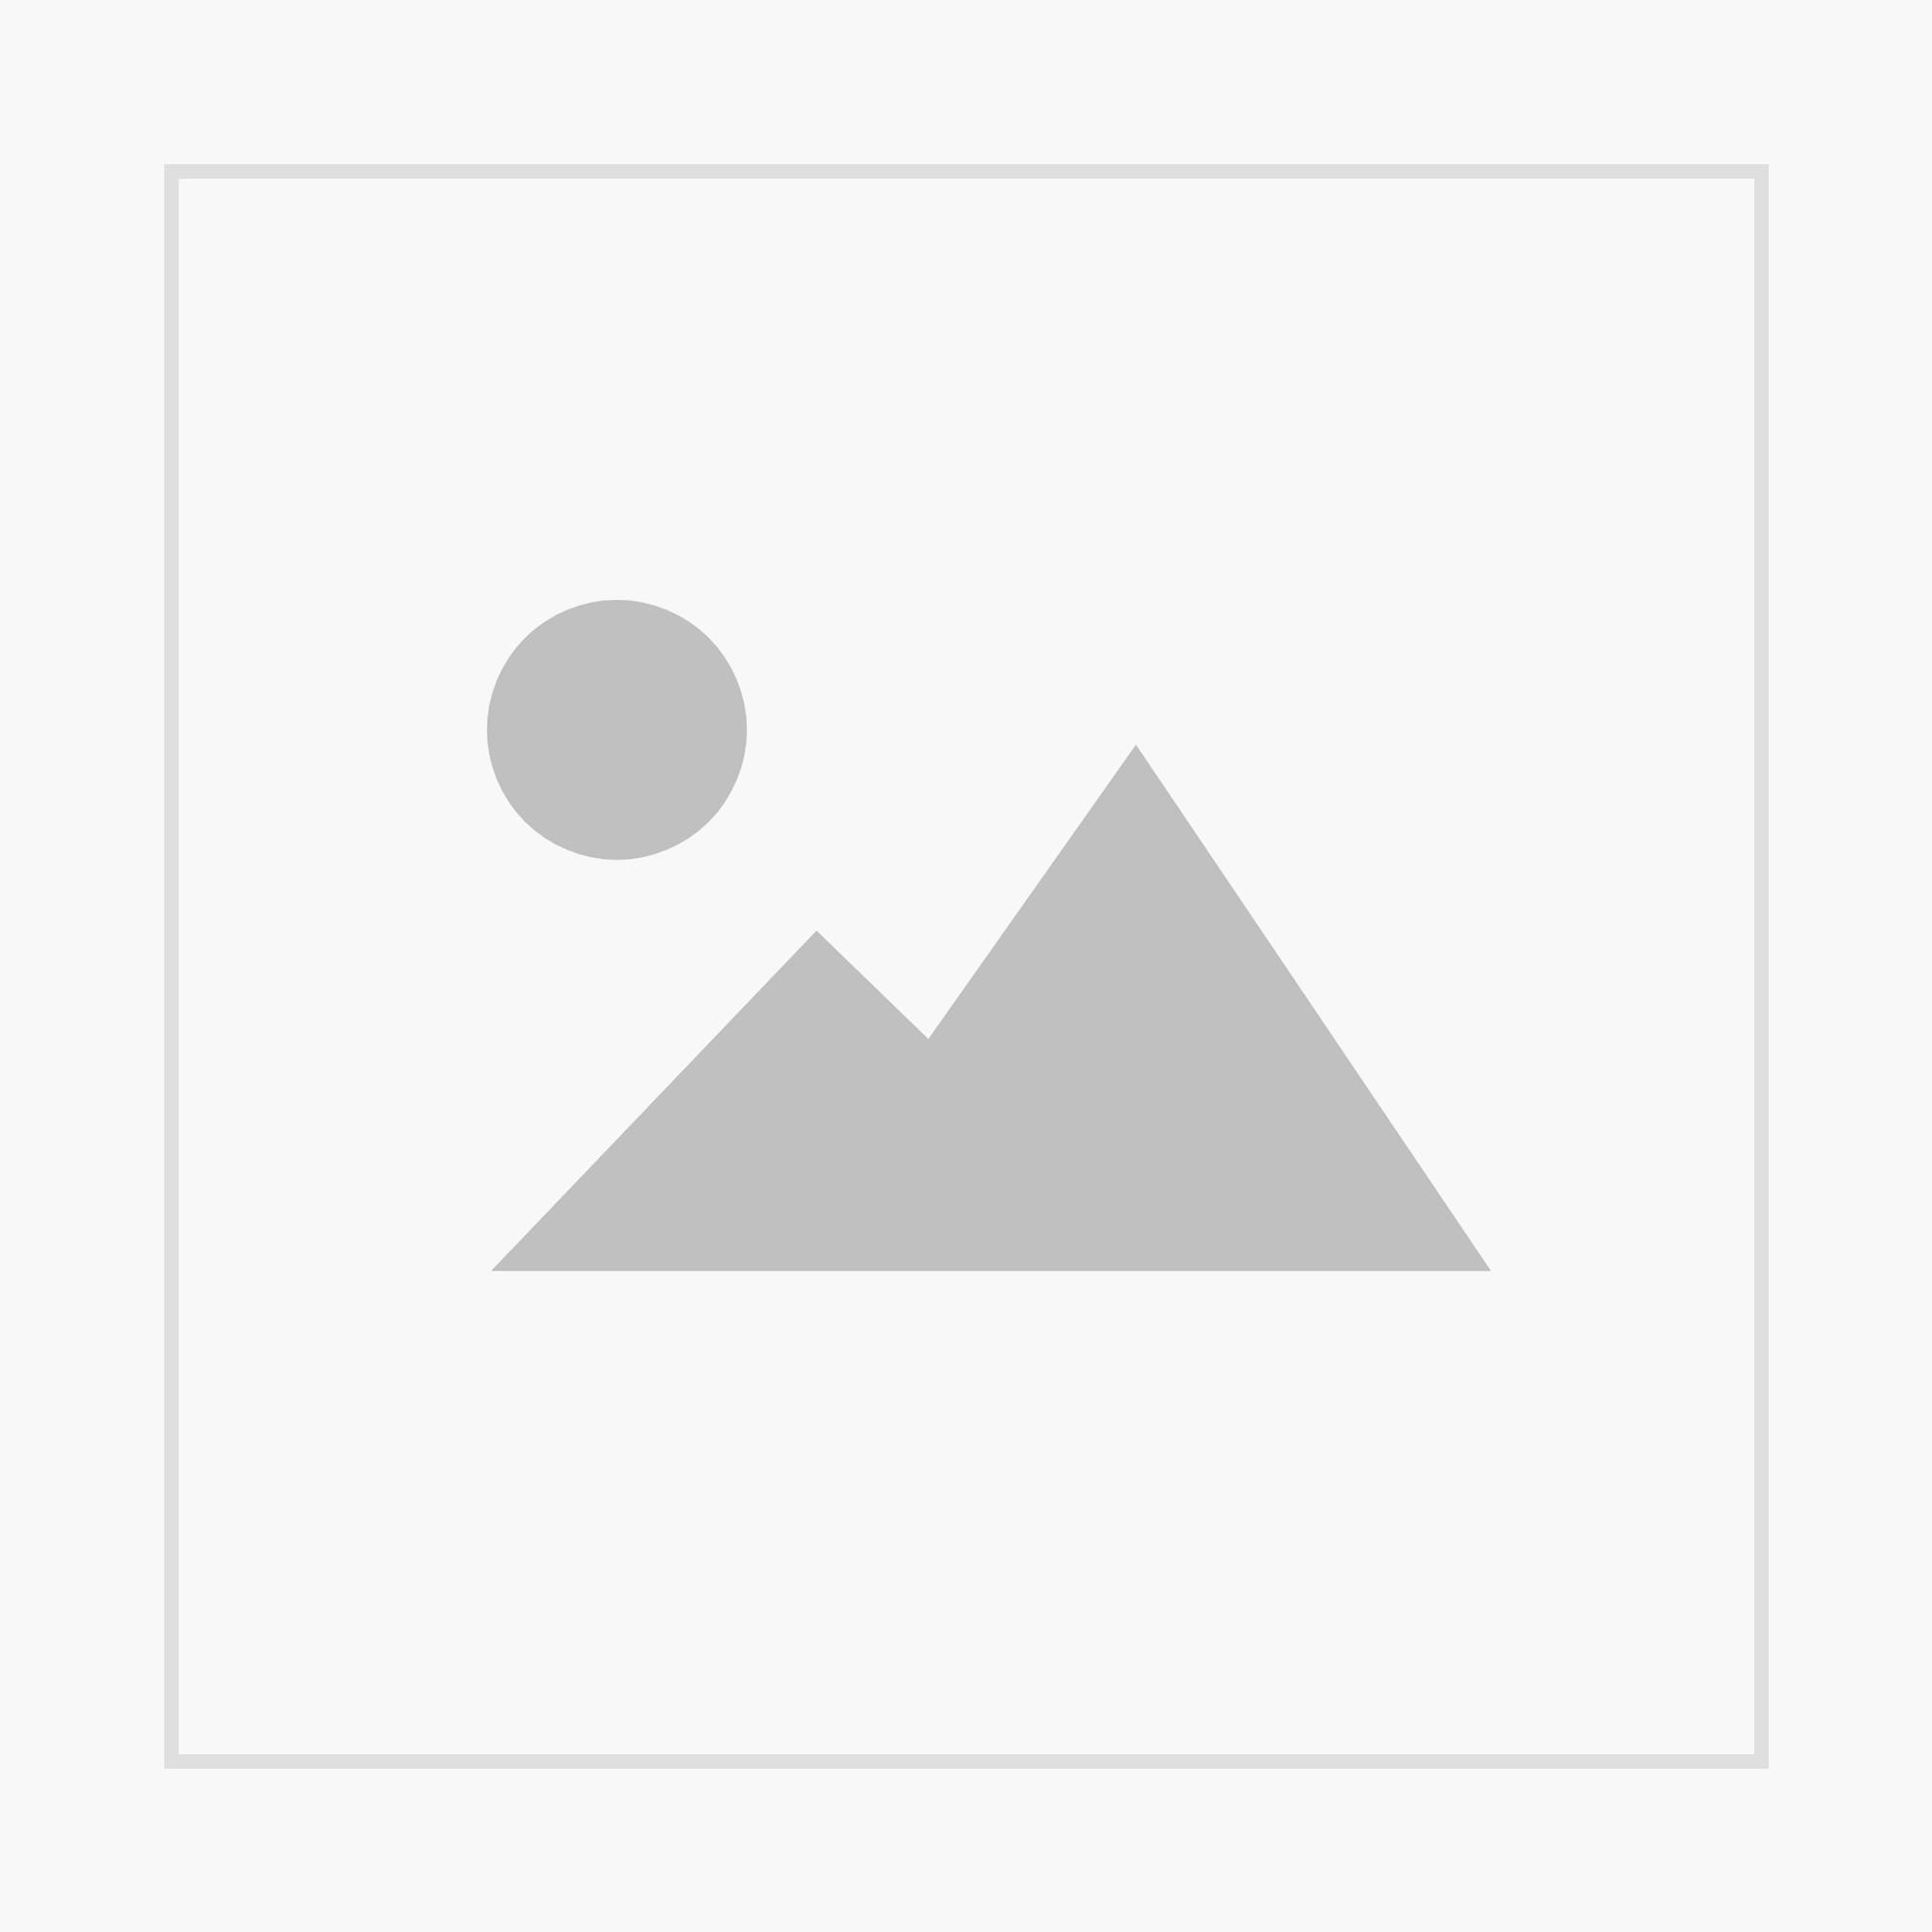 LuN Heft 54: Alternative Konzepte des Naturschutzes für extensiv genutzte Kulturlandschaften